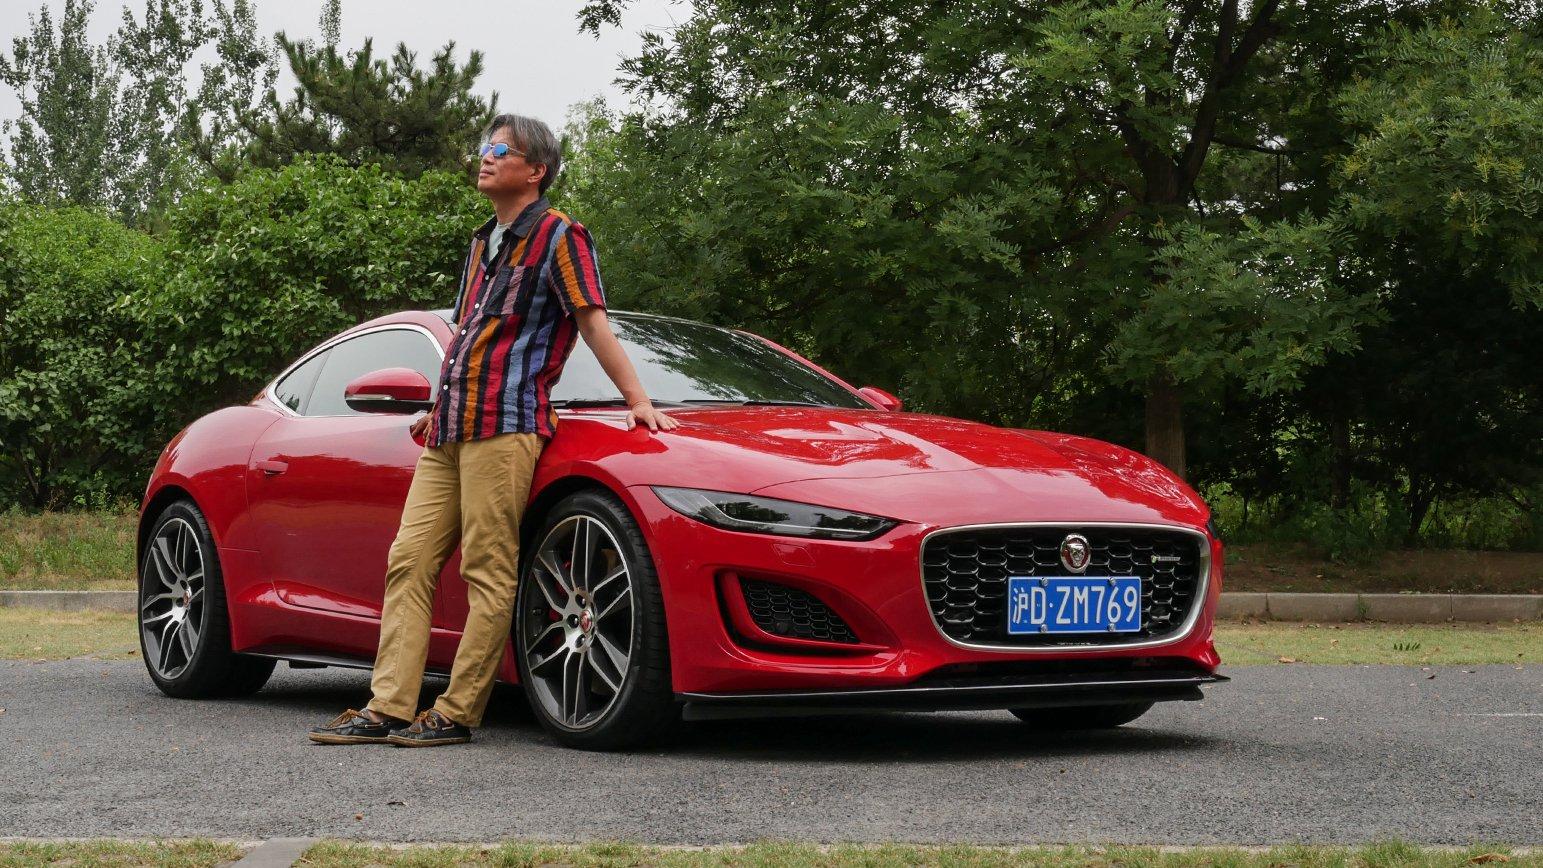 《夏东评车》捷豹F-Type,跑车的日常修养